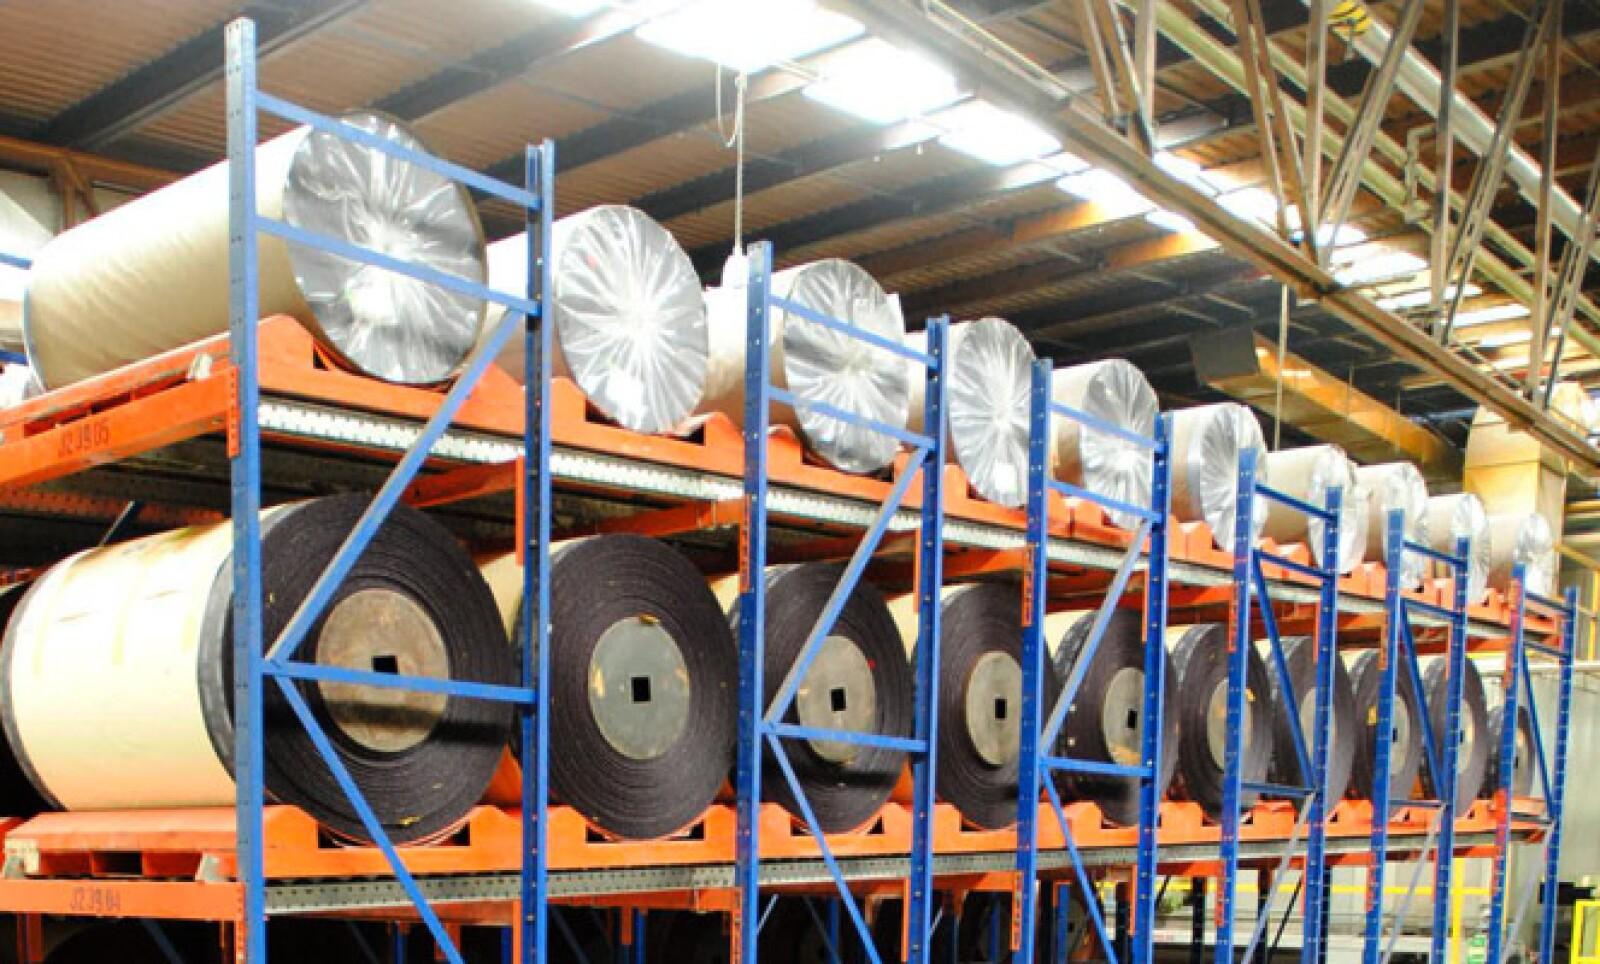 Los rollos de lija esperan en el almacén su turno para ser cortados y empaquetados.